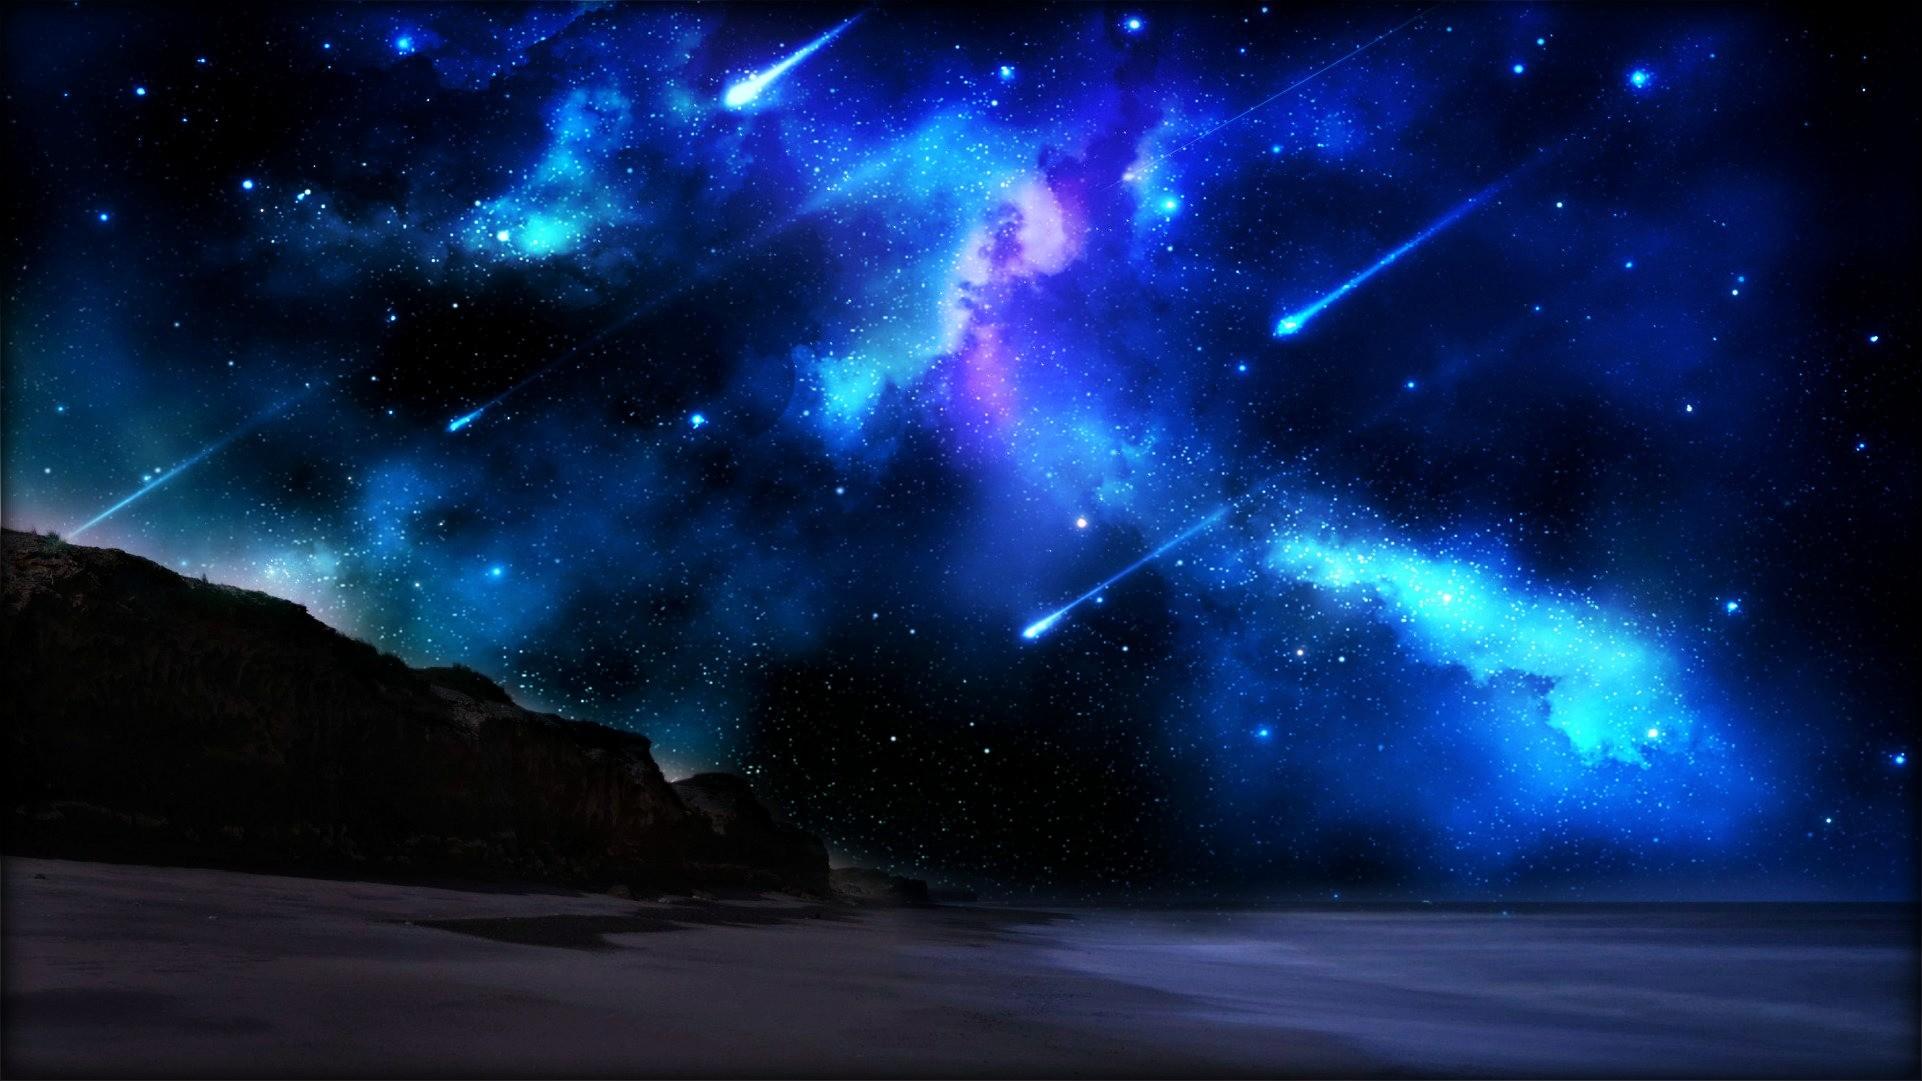 Красивые картинки звезд неба космоса